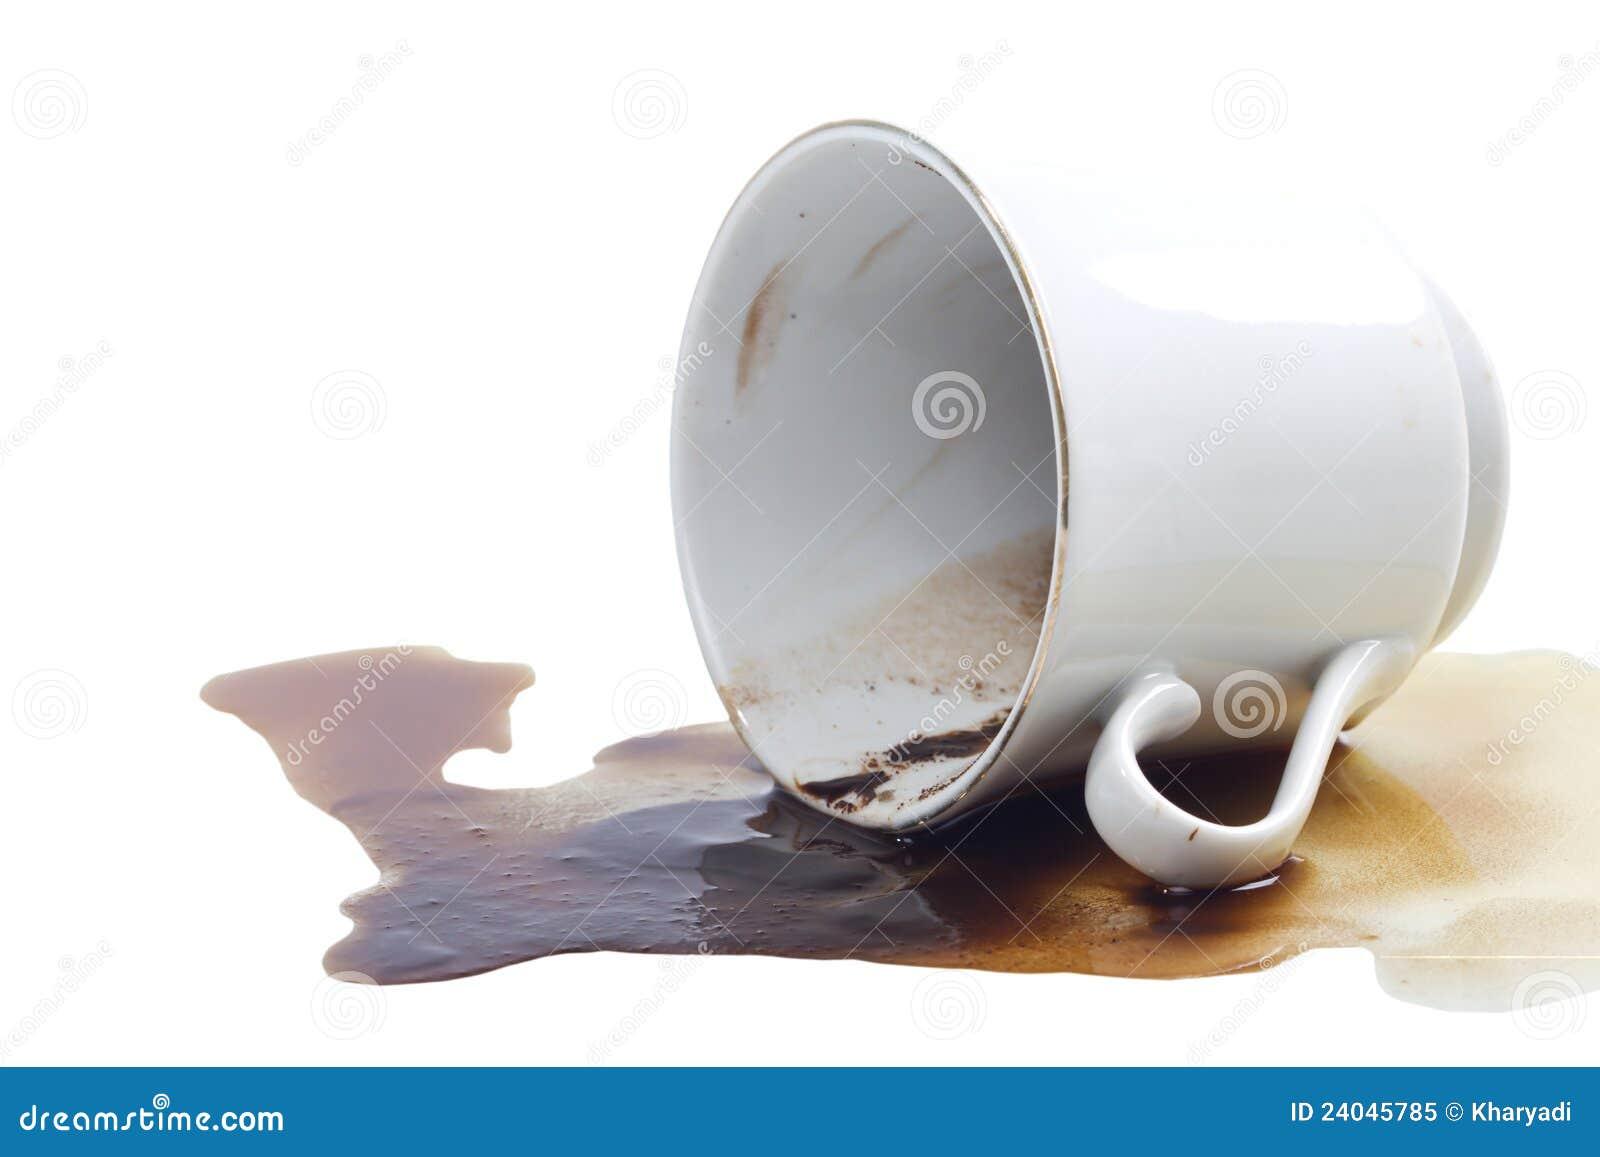 Flaque de café et une cuvette de café.